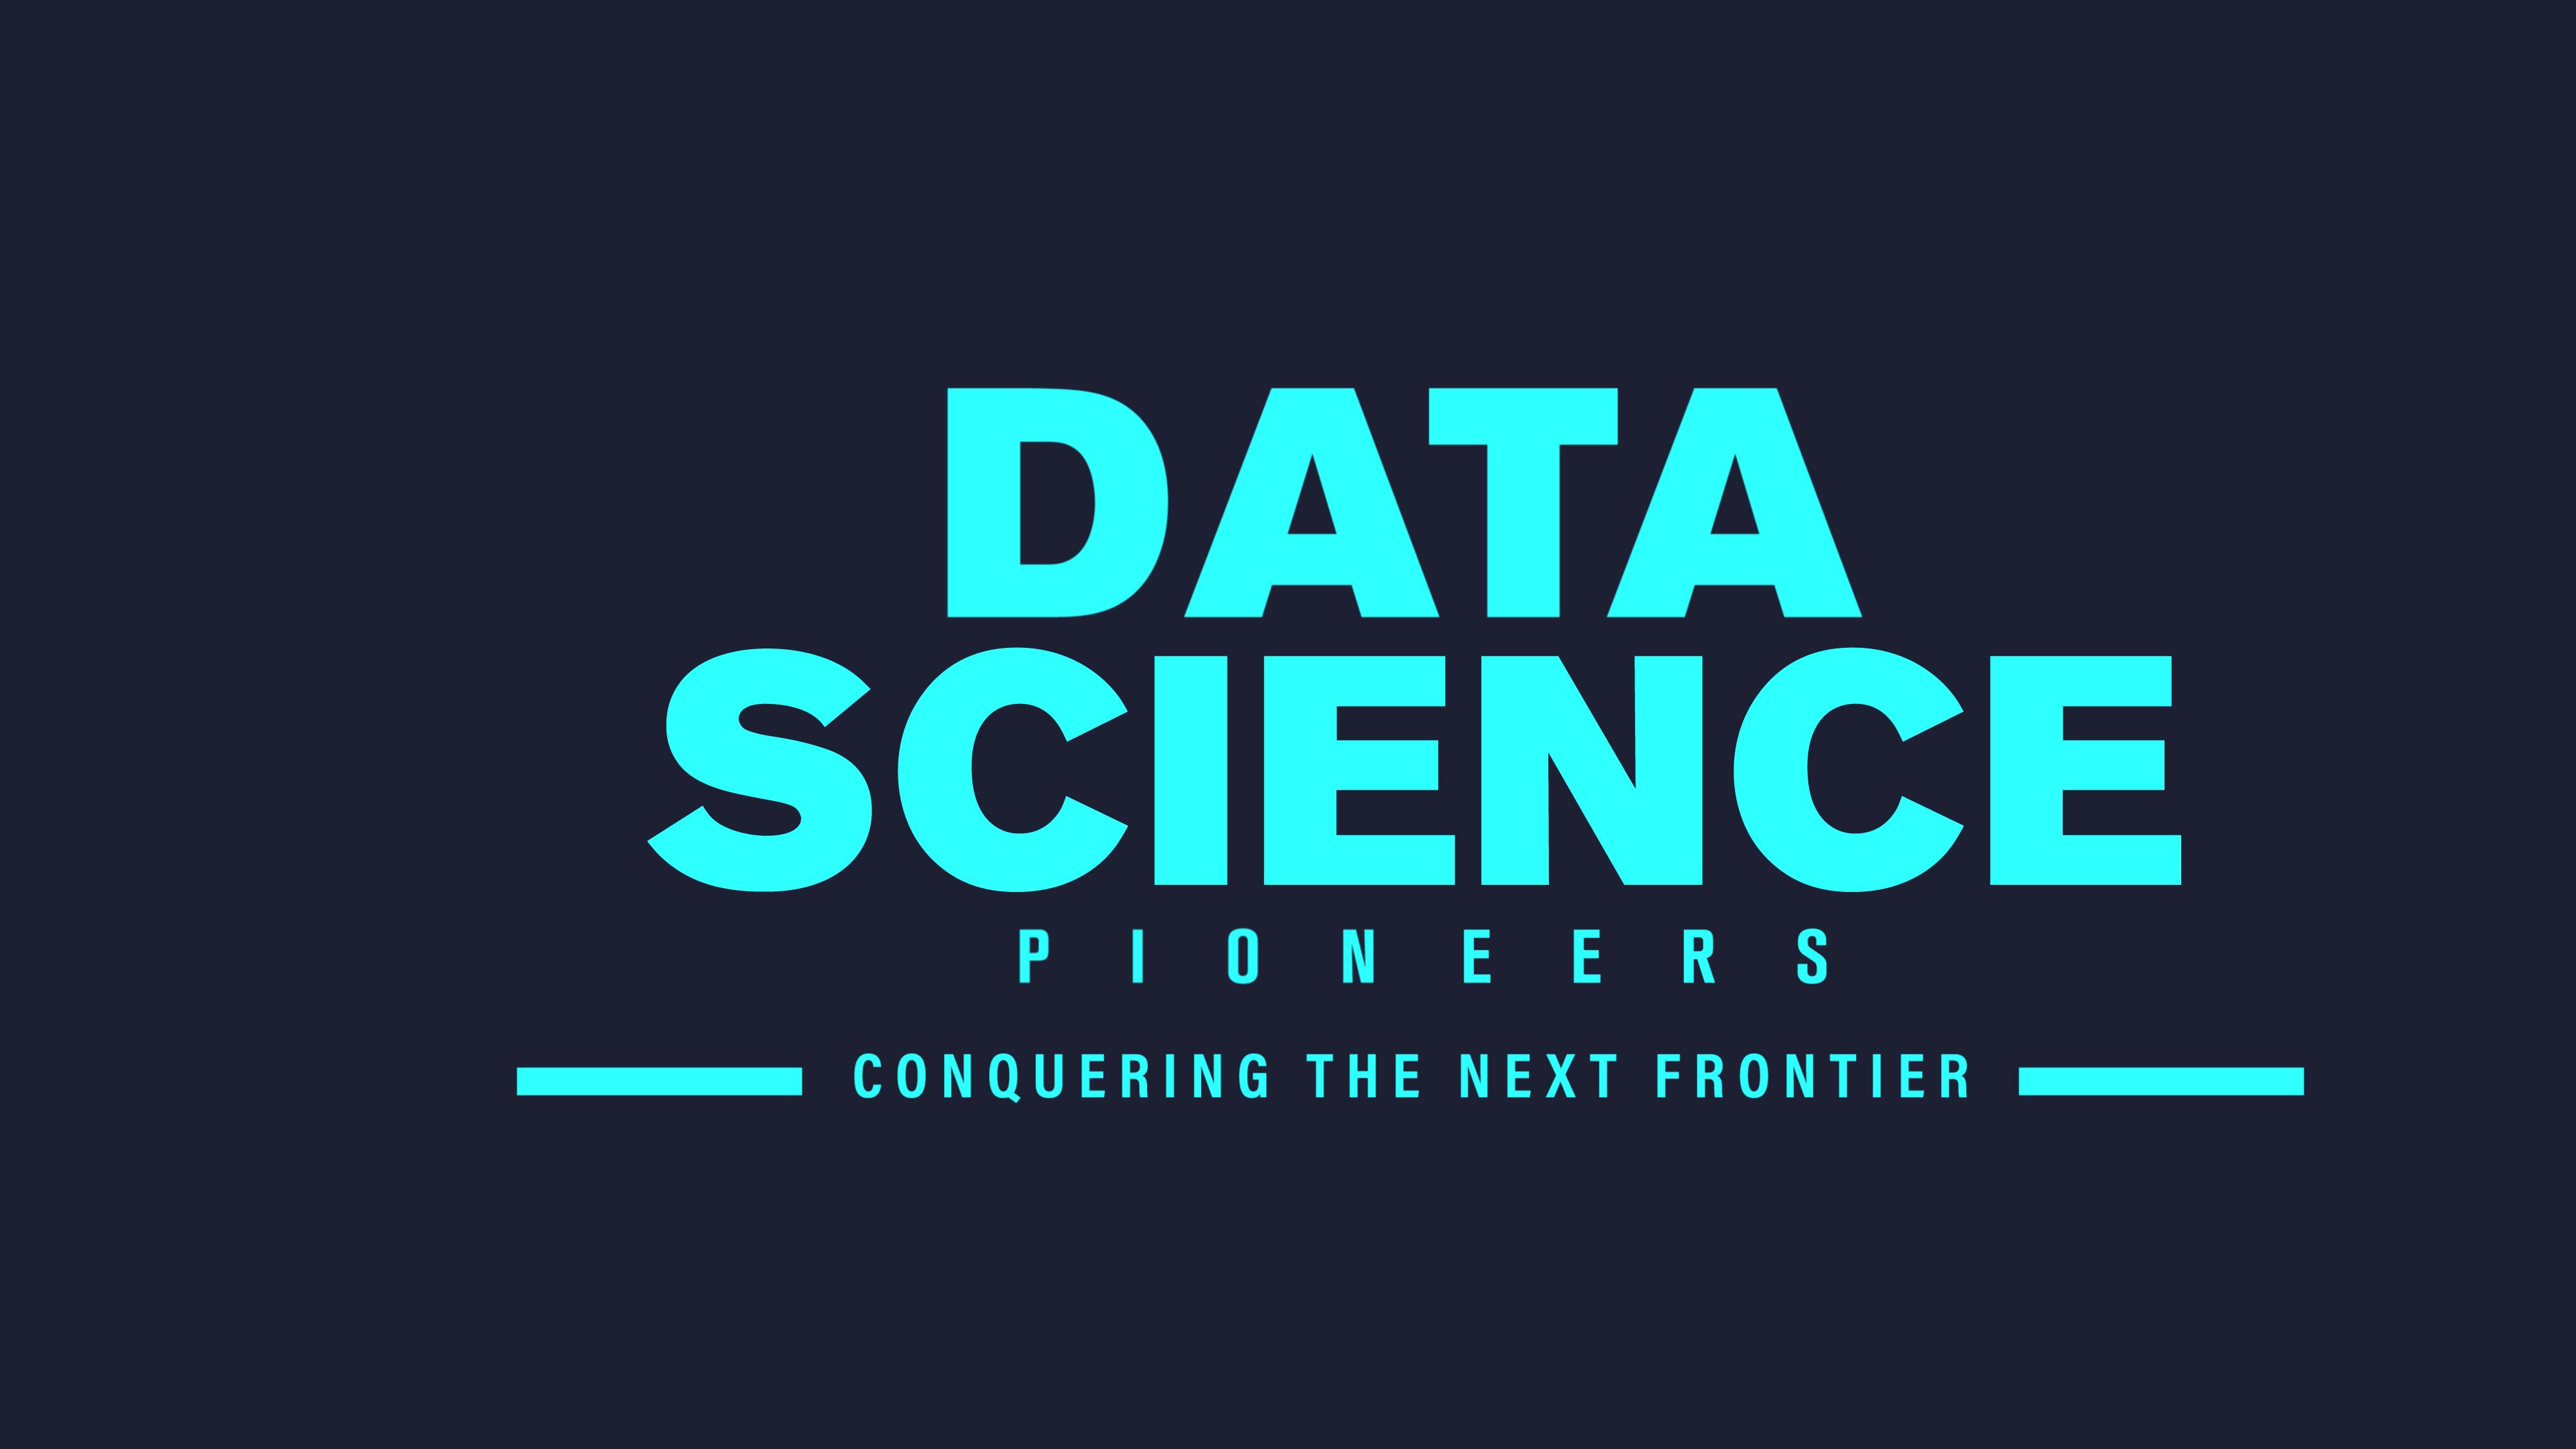 DATA_SCIENCE_PIONEERS_LOGO